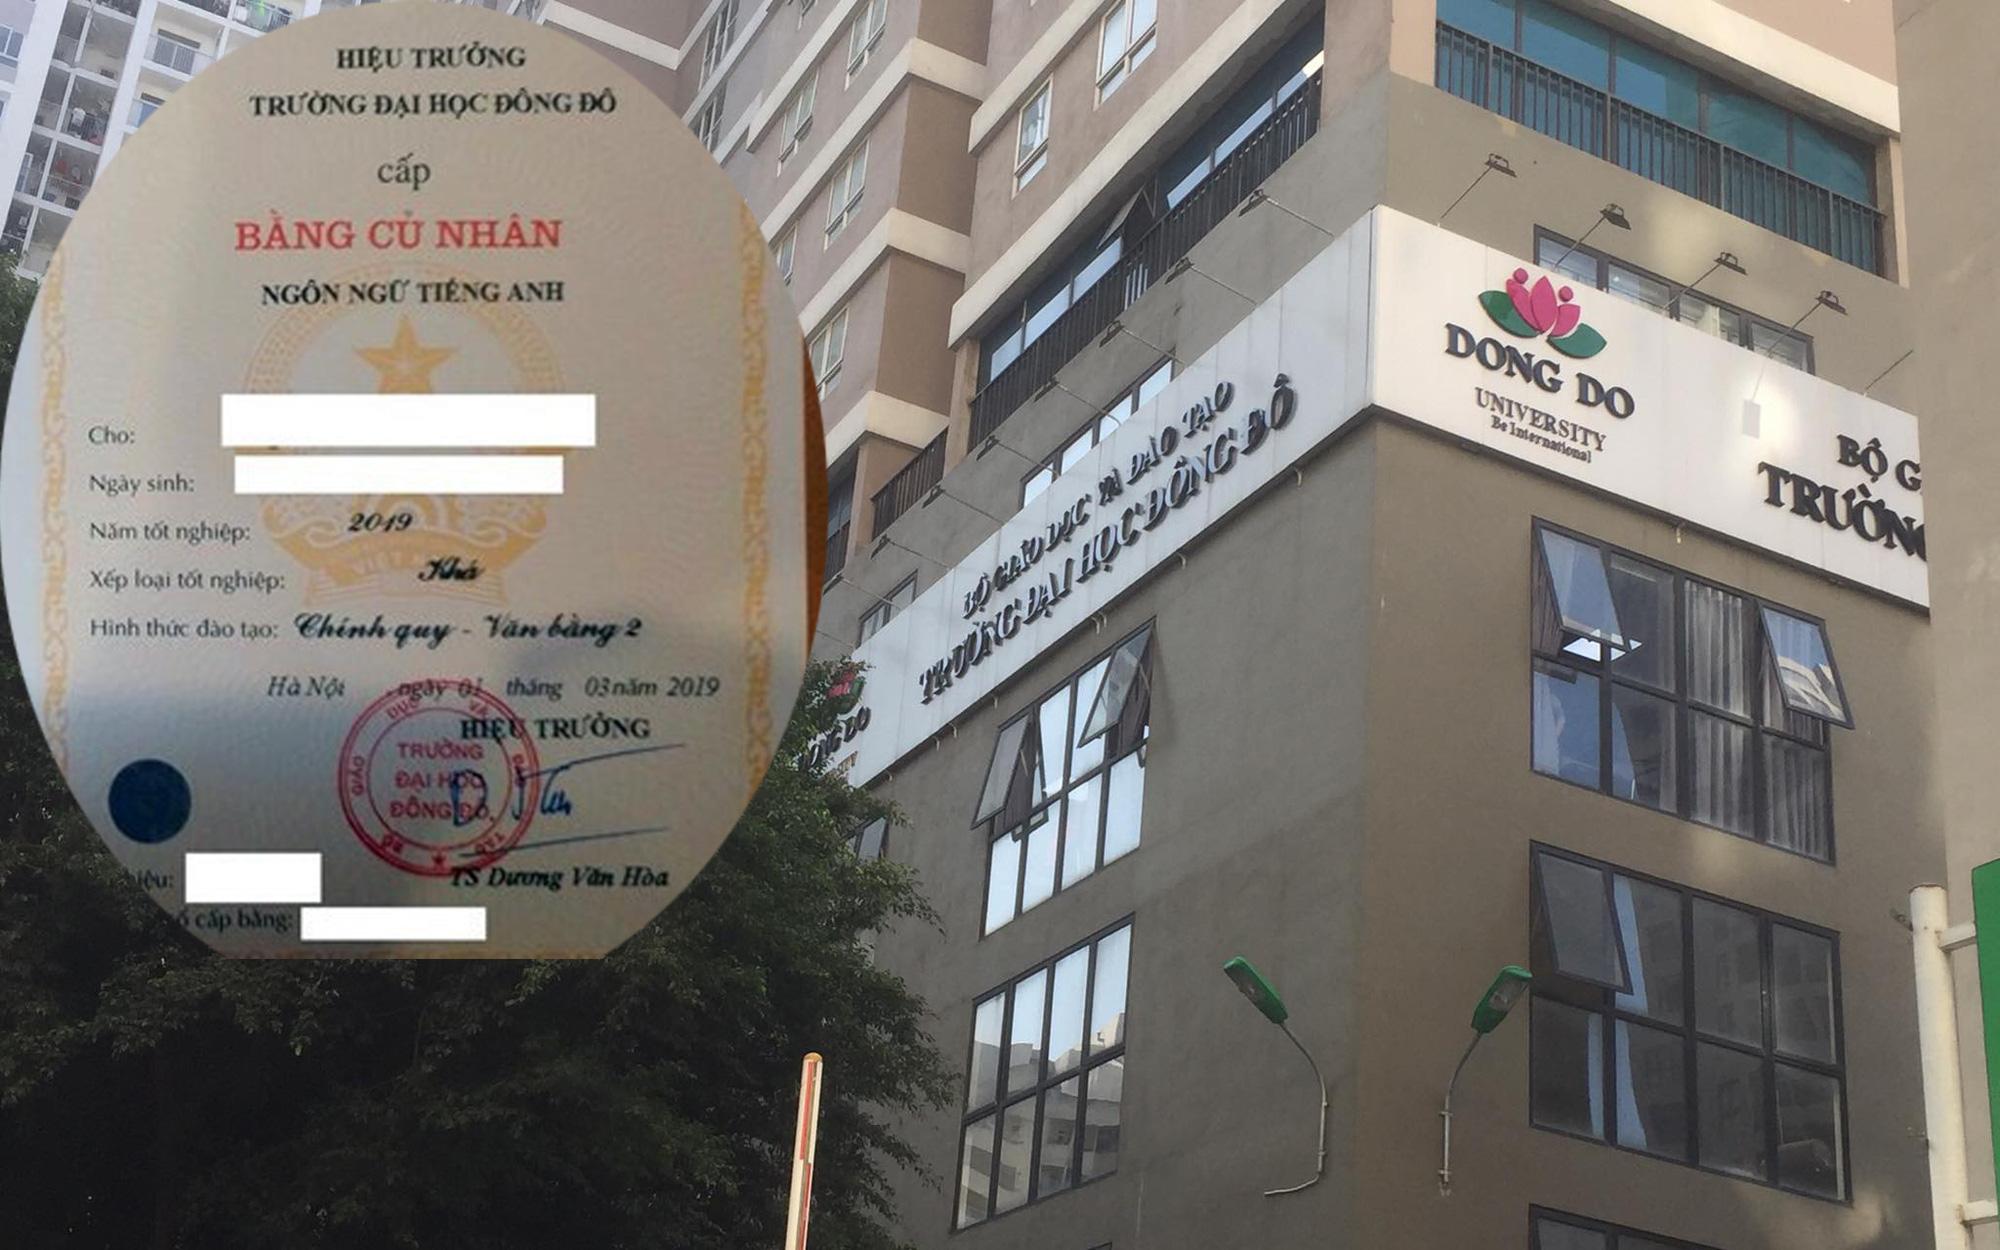 Vụ bằng giả Đại học Đông Đô: Cán bộ sử dụng bằng giả thi viên chức vào UBND tỉnh Thái Bình